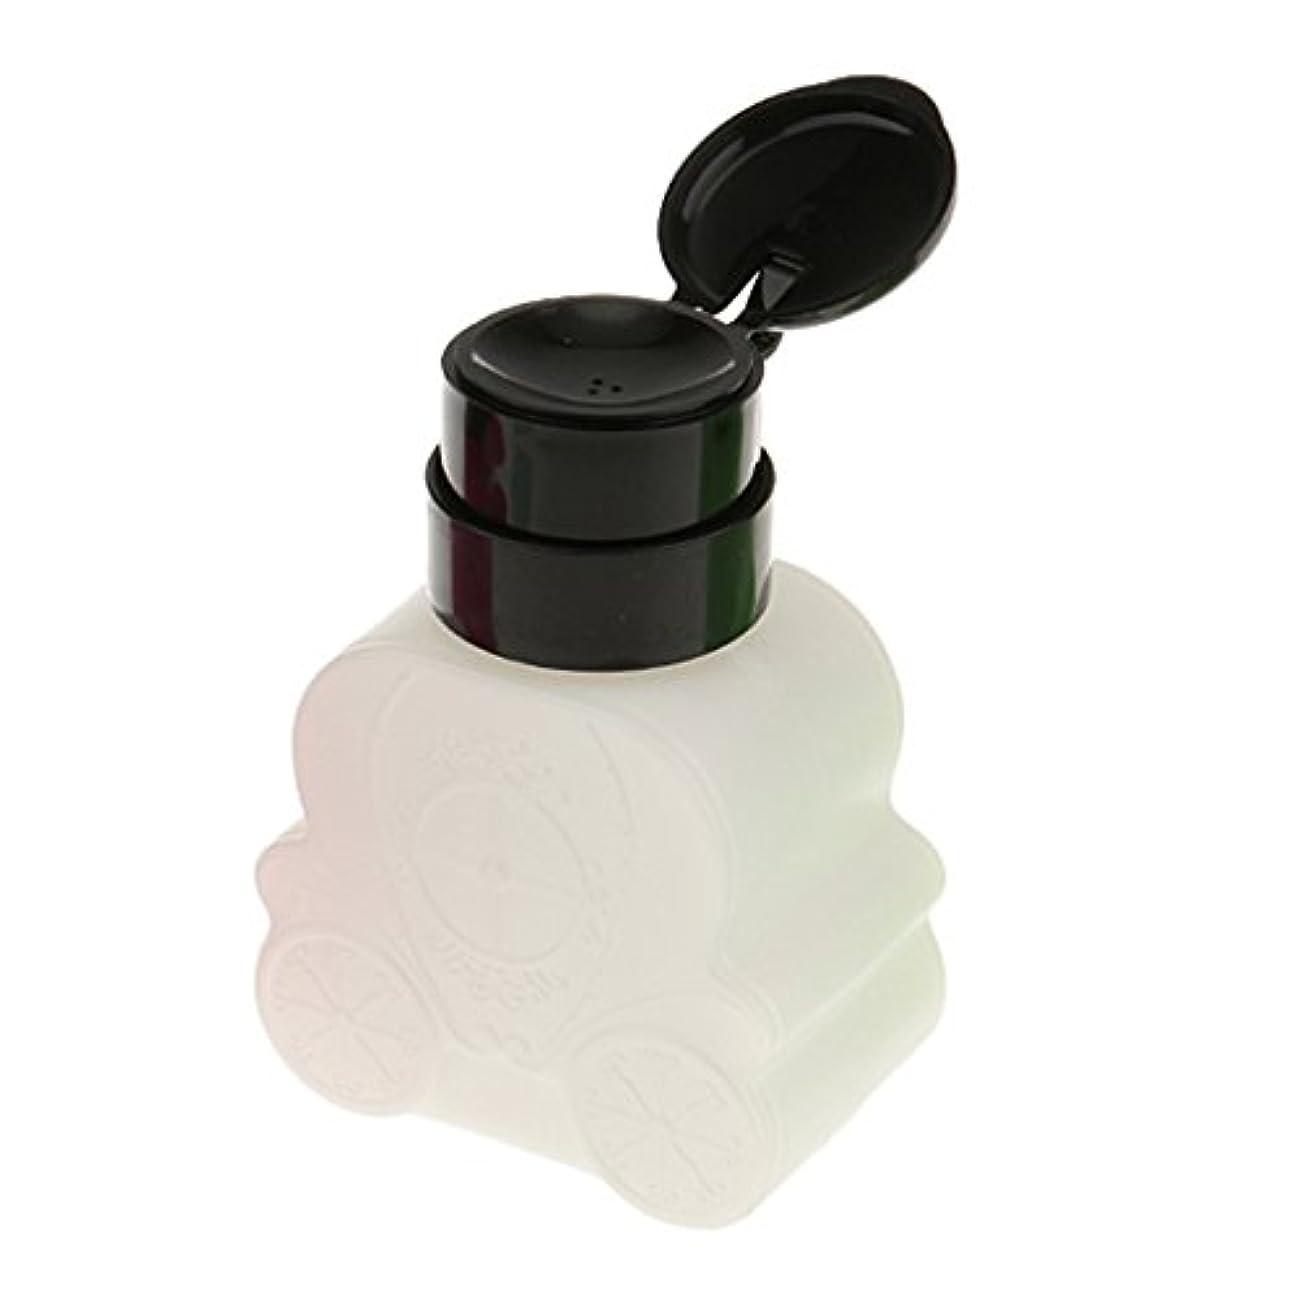 関数うなずく雇用者Kesoto ネイルクリーナーボトル ポンプ 車型 防揮発 耐久 ネイル清潔 便利 240ml